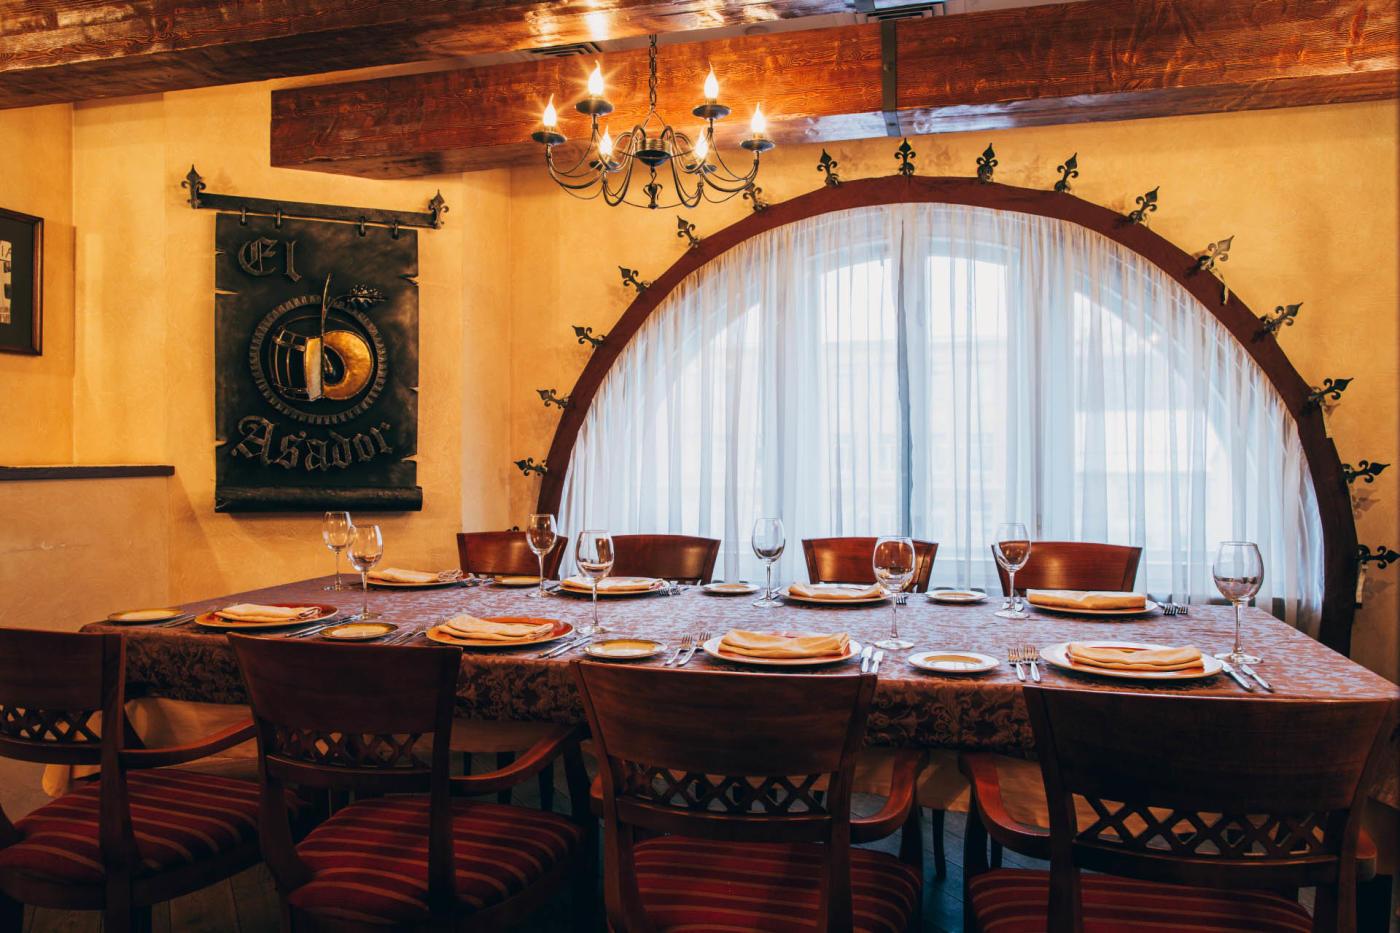 Ресторан El Asador (Эль Асадор) фото 11